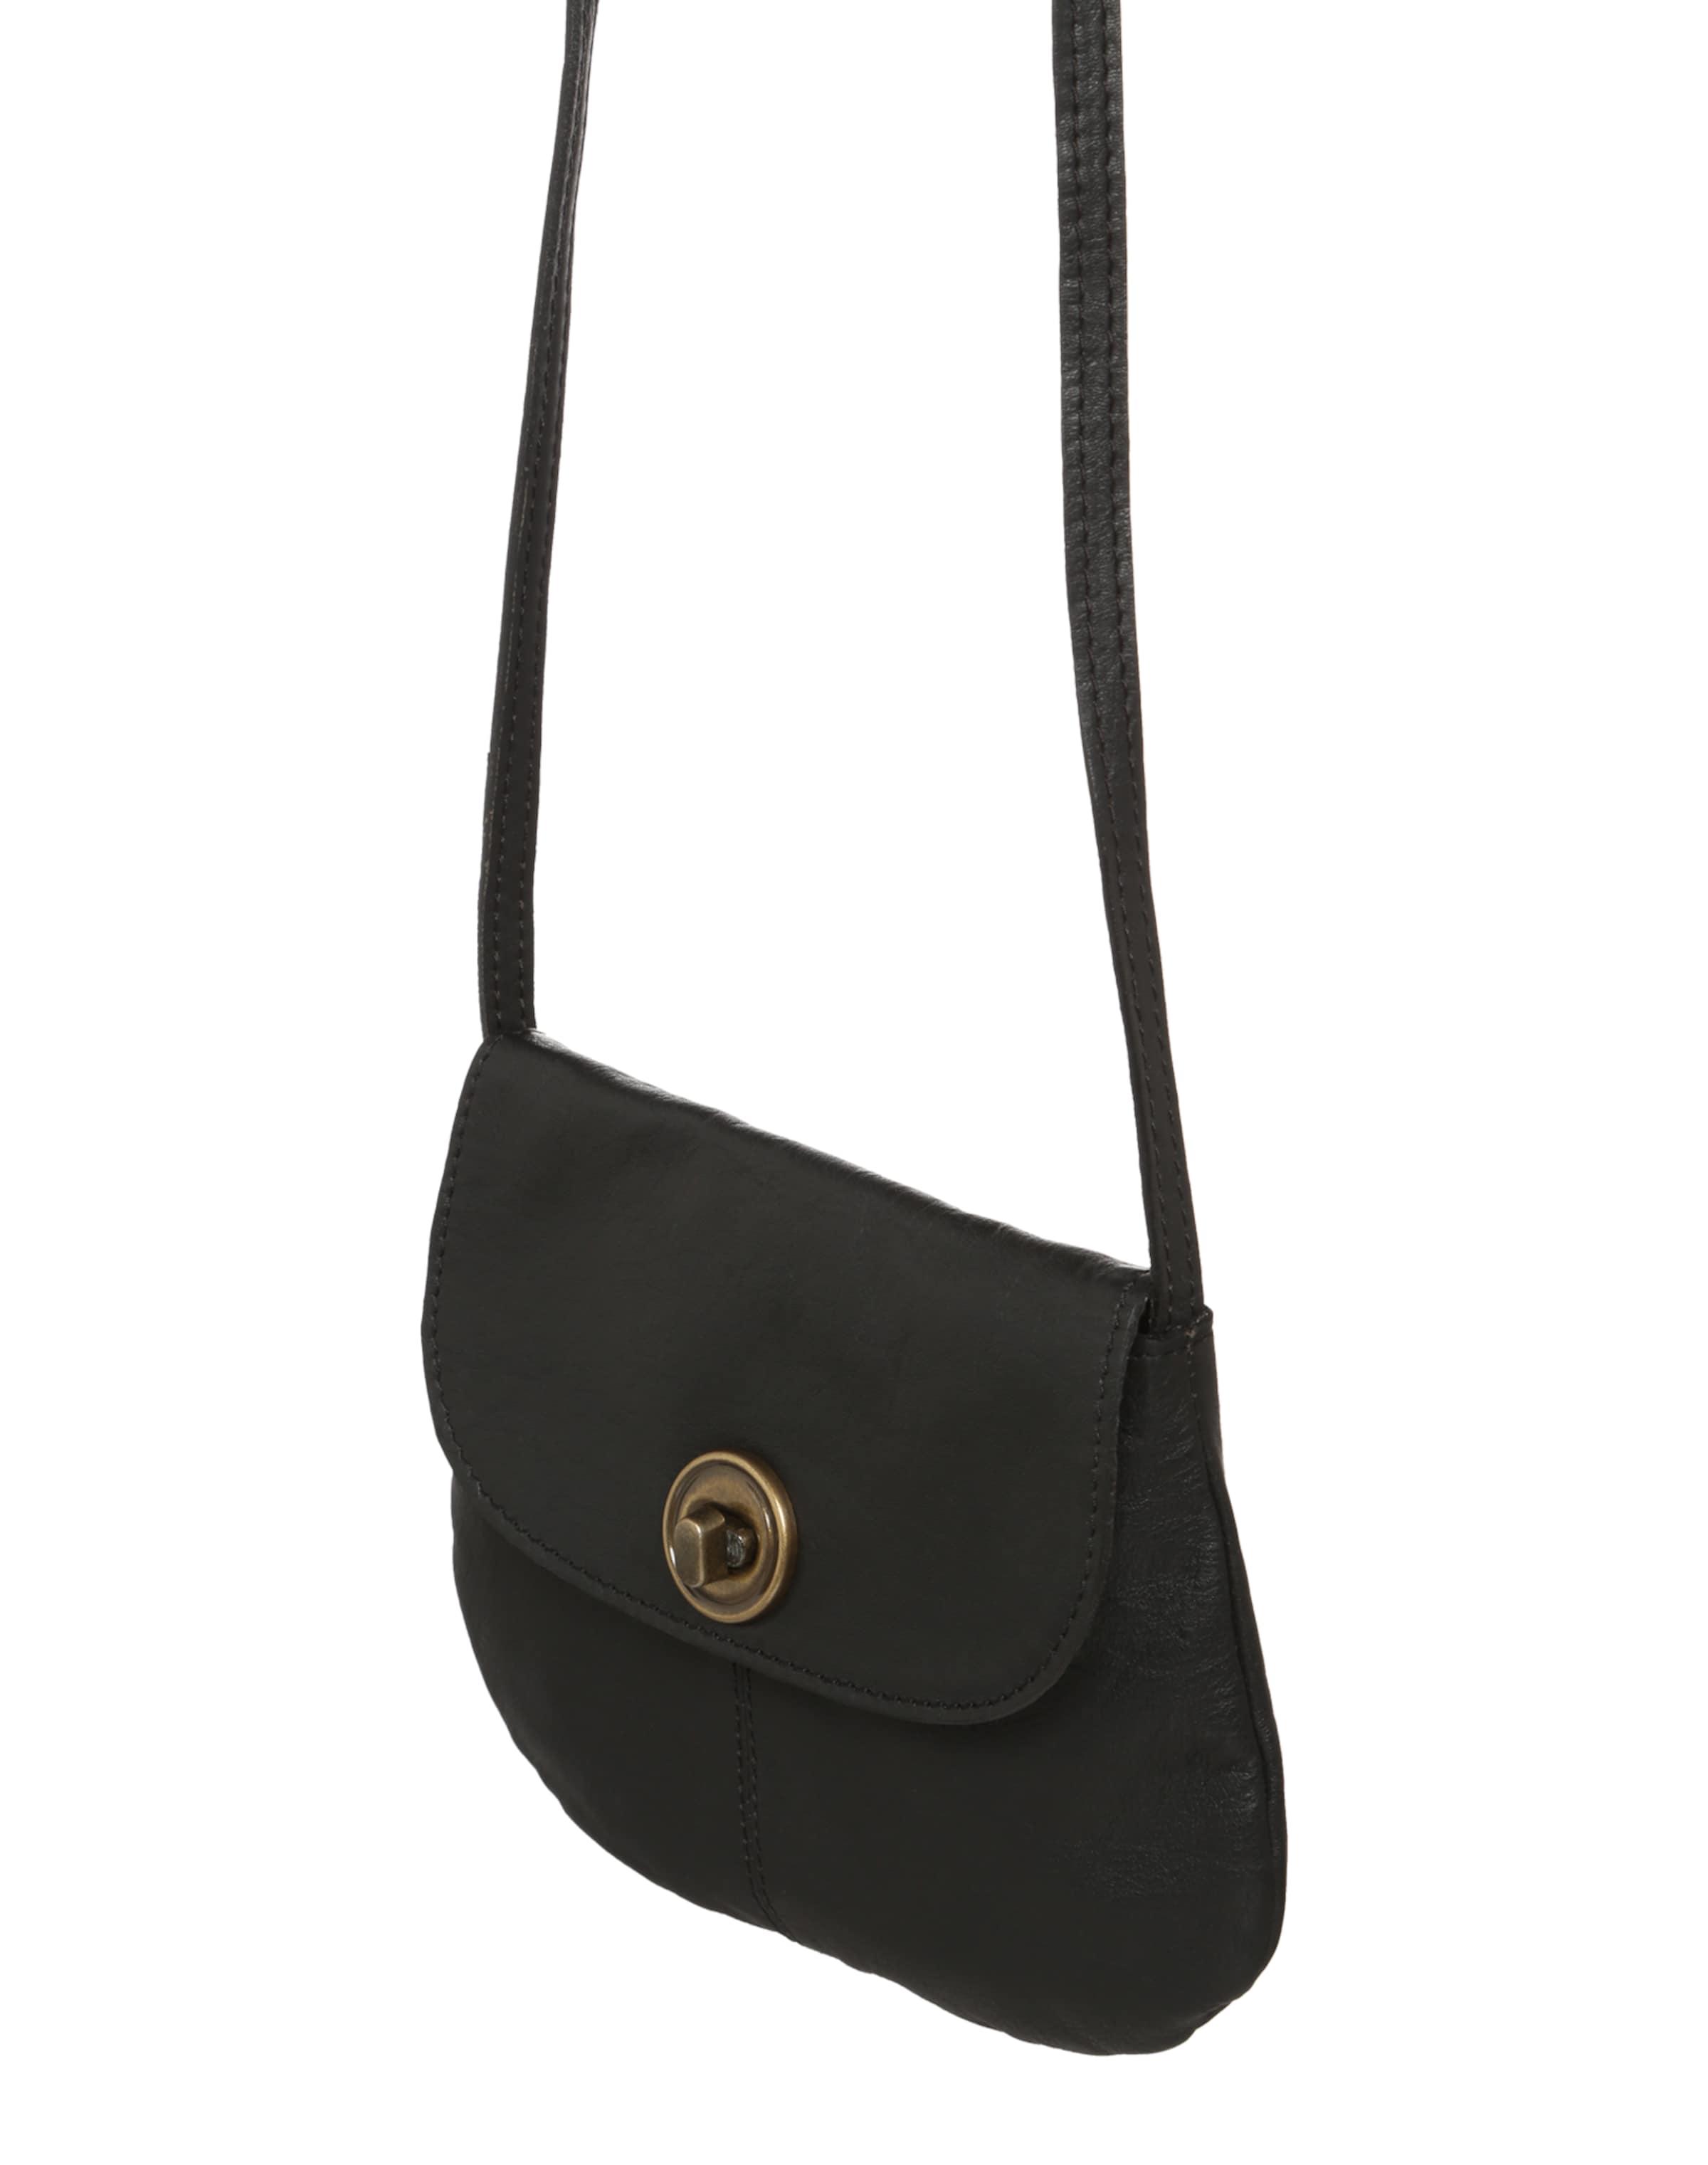 PIECES Mini Bag aus Leder 'Totally Royal Party' Heißen Verkauf Online-Verkauf Ost Veröffentlichungstermine Vorbestellung Günstiger Preis PmTT4